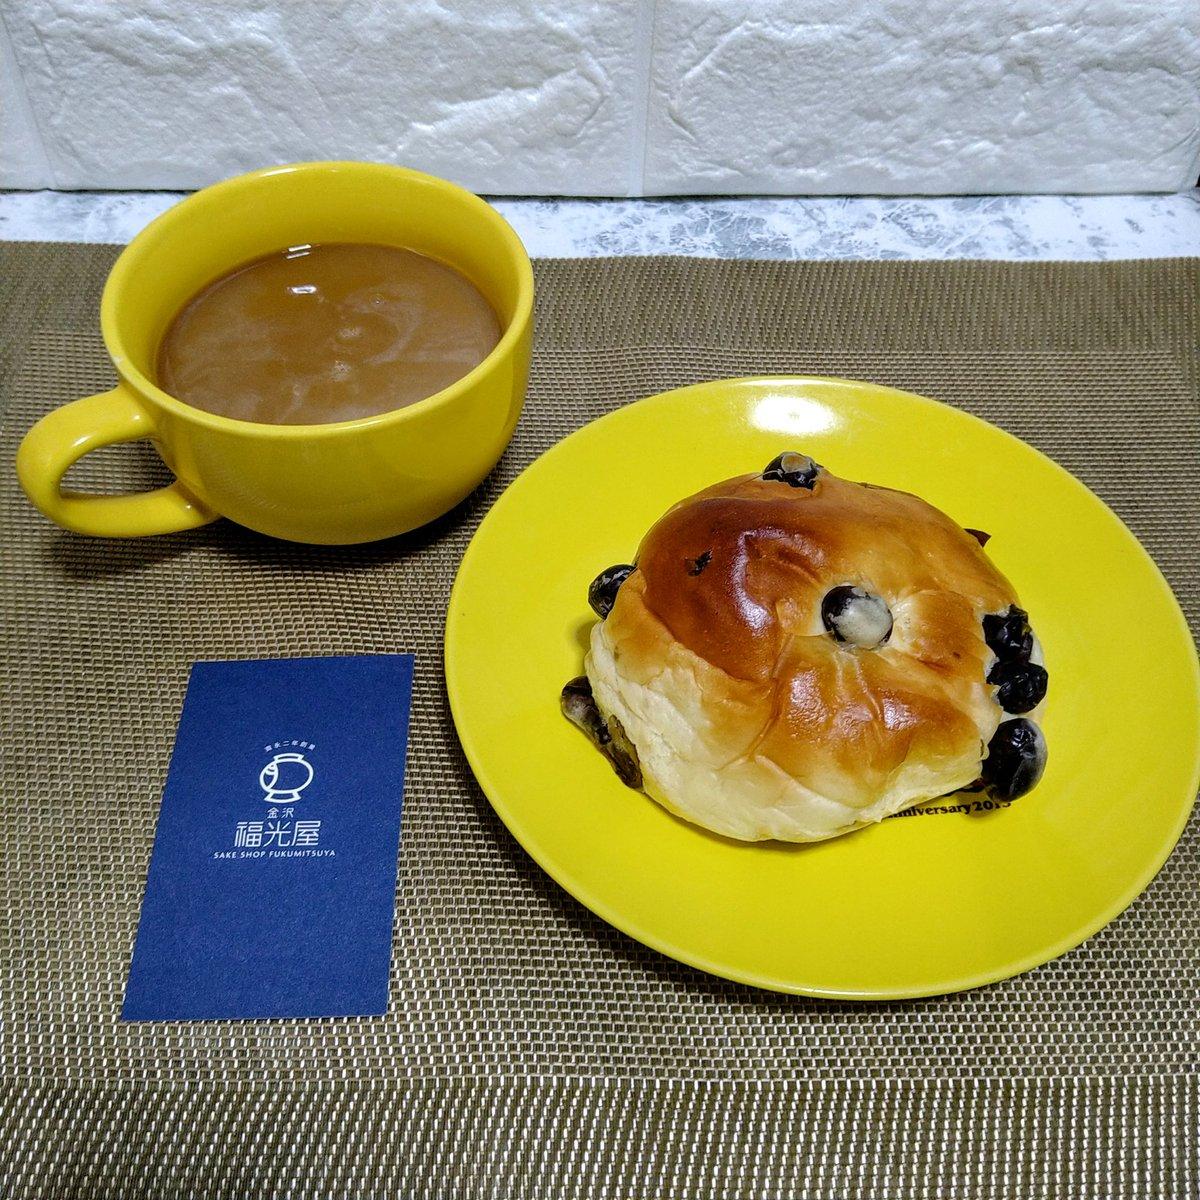 test ツイッターメディア - 東京ミッドタウンガレリア地下1階にあるSAKE SHOP FUKUMITSUYAさんに日&木限定で  #小西のパン  が購入できるというこで、お昼は念願の黒豆パンをカフェオレと一緒にいただきました😋とても柔らかくて自然な甘み。あっと言う間に💦 #丹波篠山 に思いを馳せいただきました~ #森の学校 #福光屋 https://t.co/1VoqIkTPNO